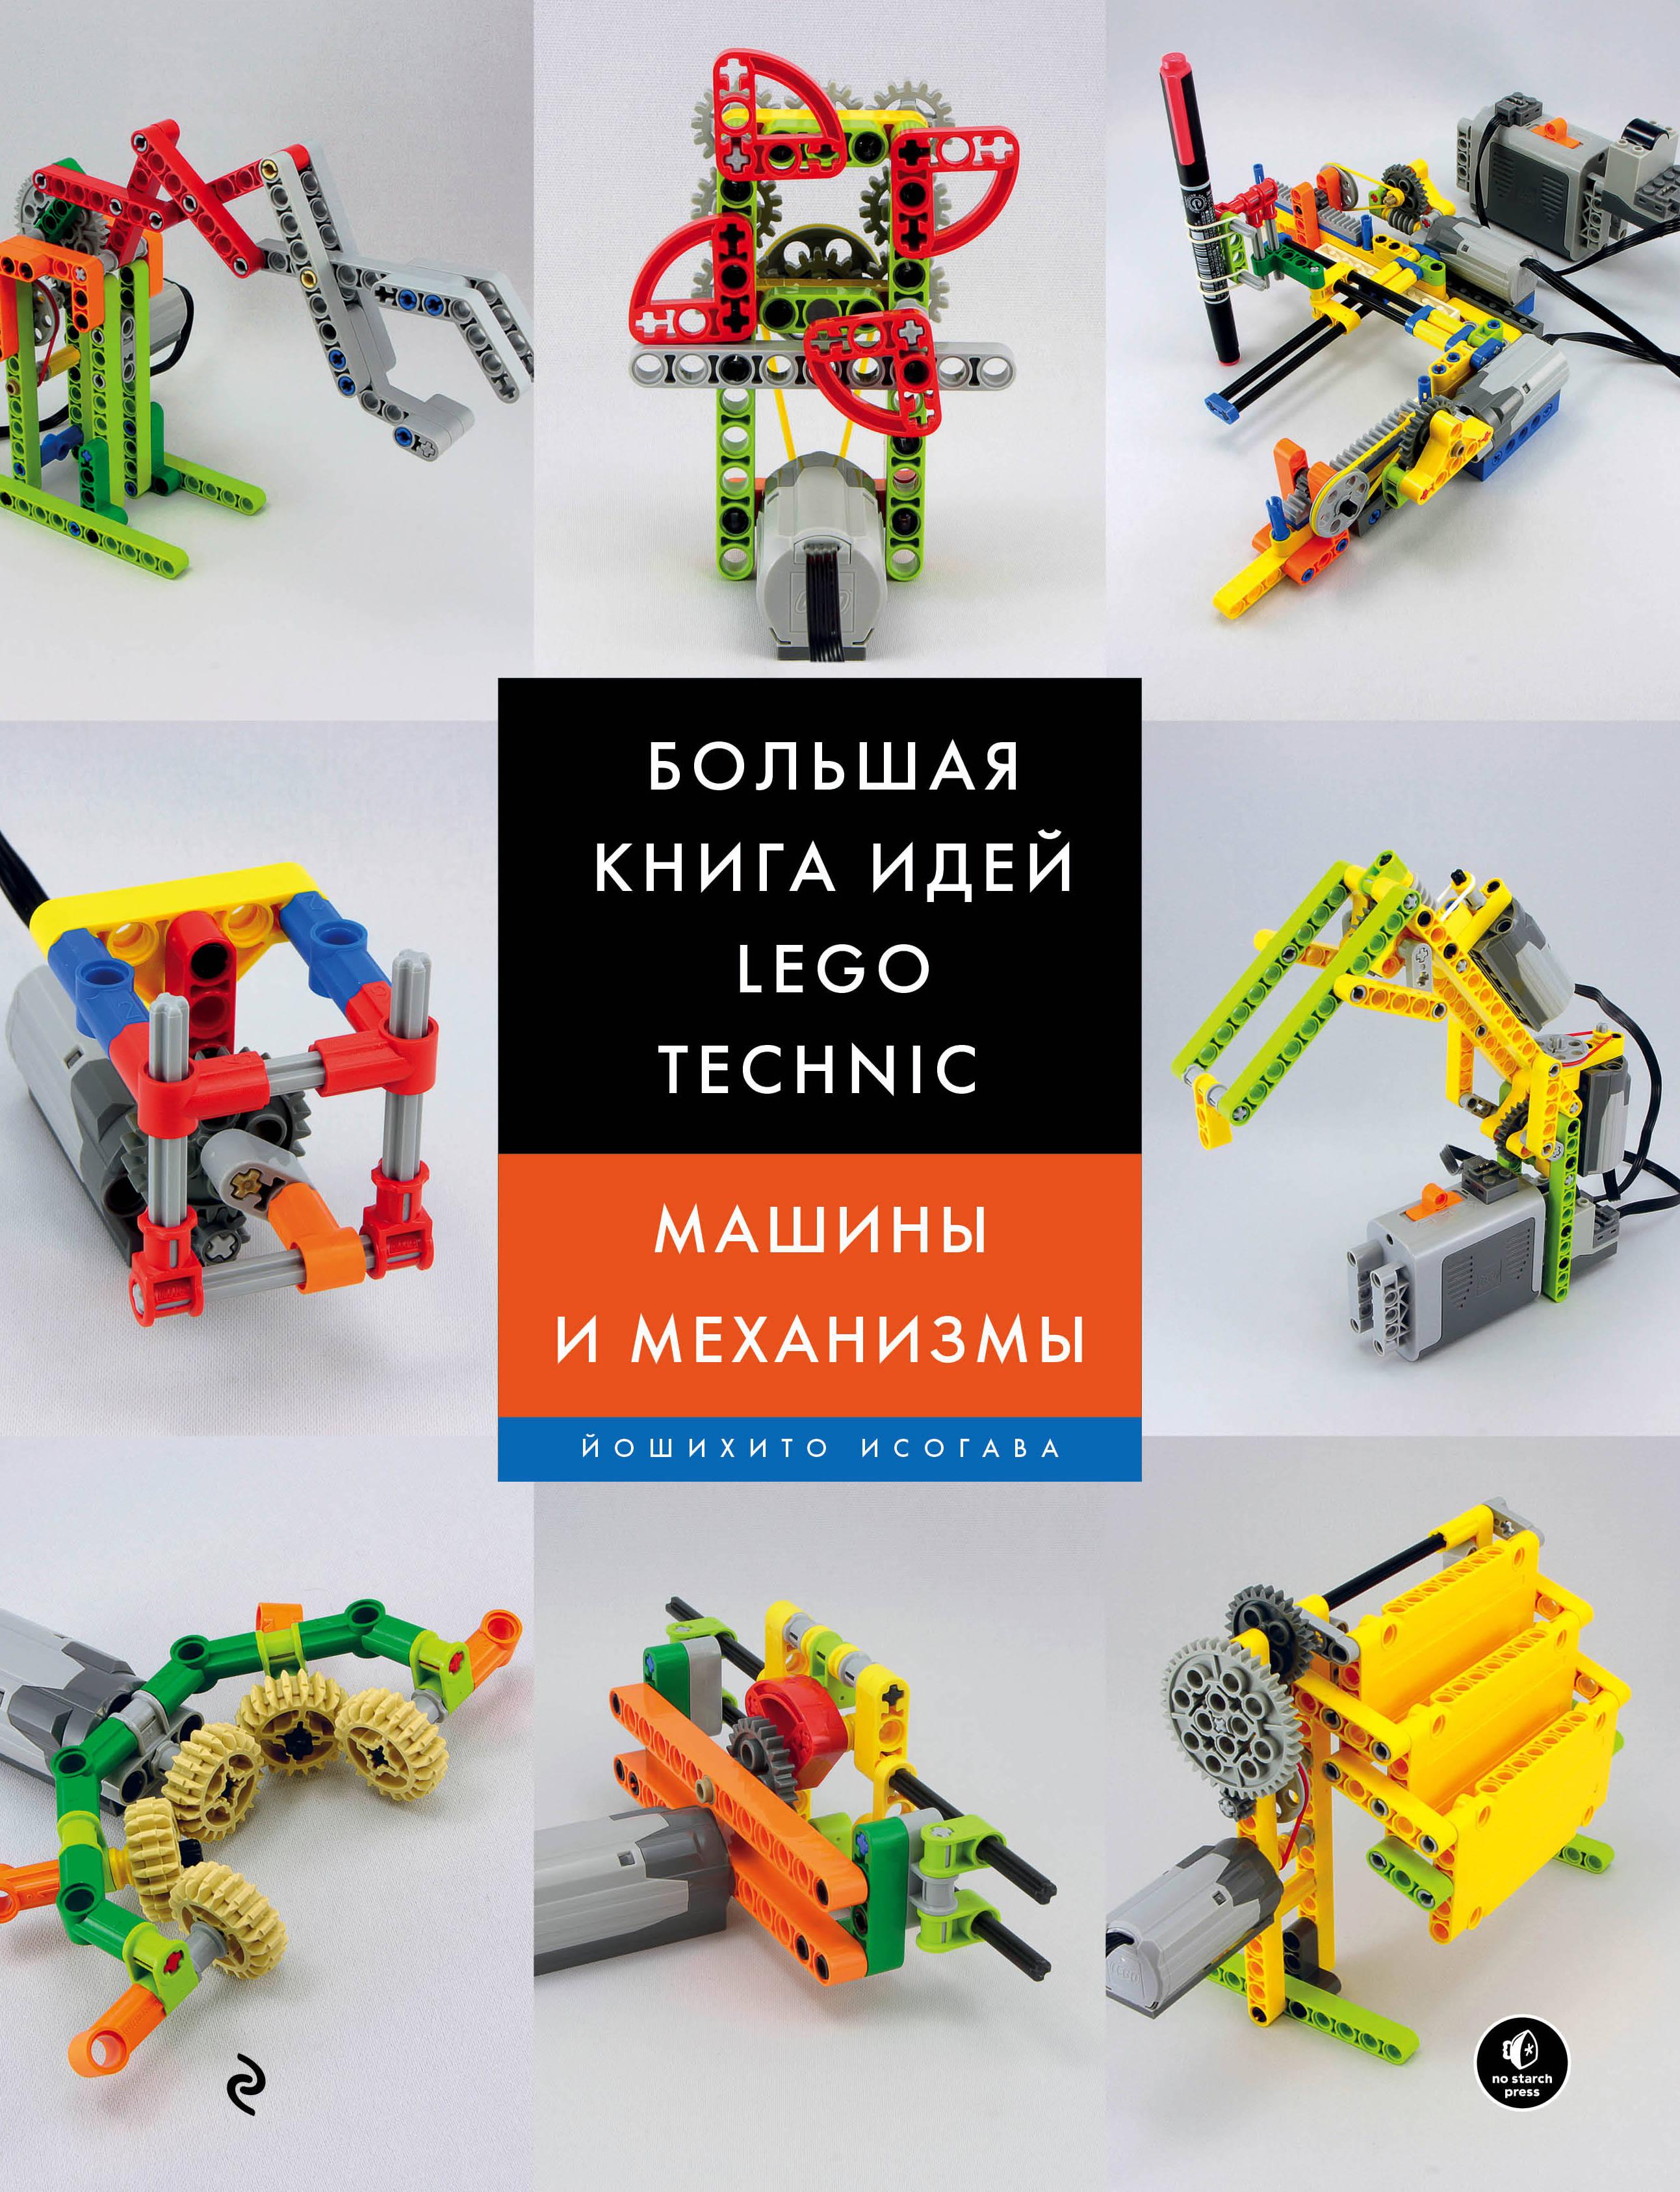 Исогава Йошихито Большая книга идей LEGO Technic. Машины и механизмы дэниел липковиц lego книга игр оживи свои модели